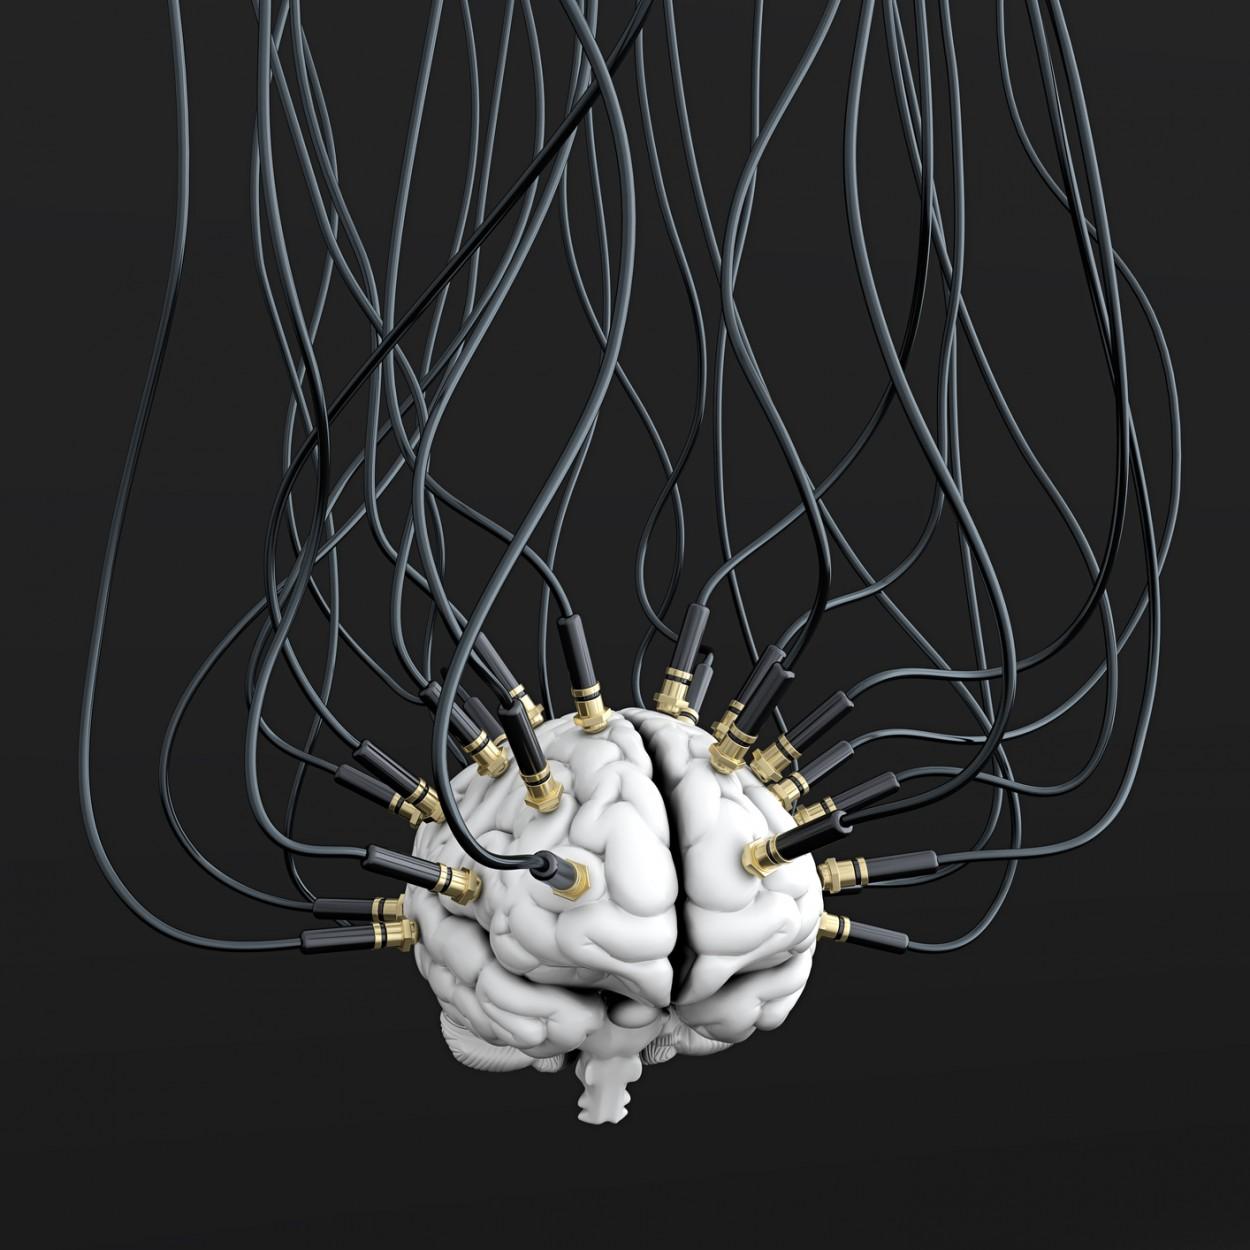 него есть фото промытые мозги зодиака кинозвезды скорпион